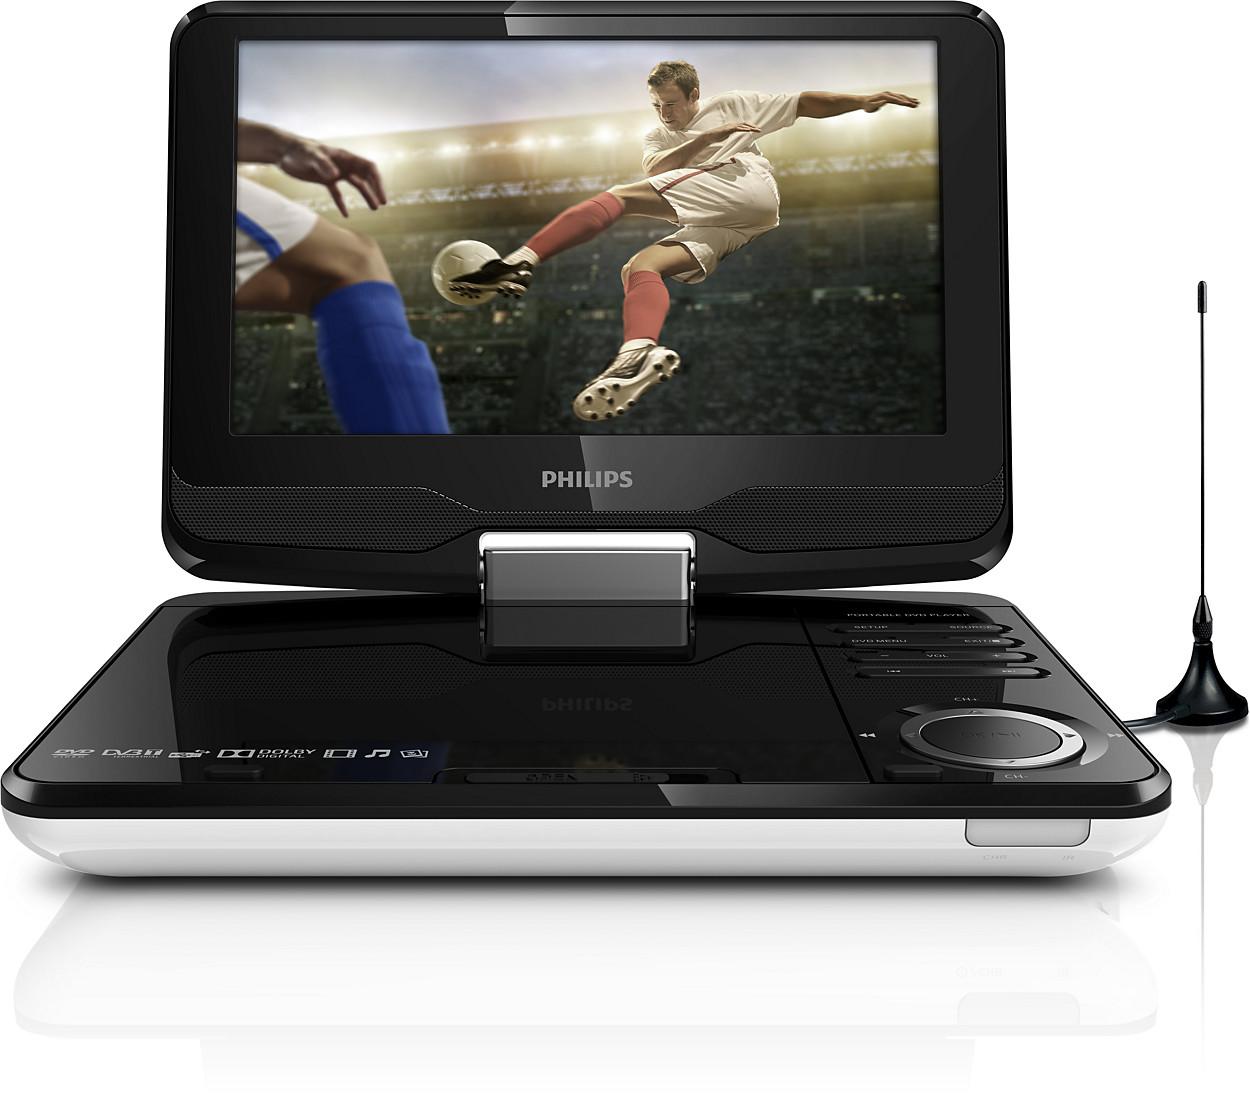 Tragbarer DVD-Player und Fernseher PD9015/12 | Philips